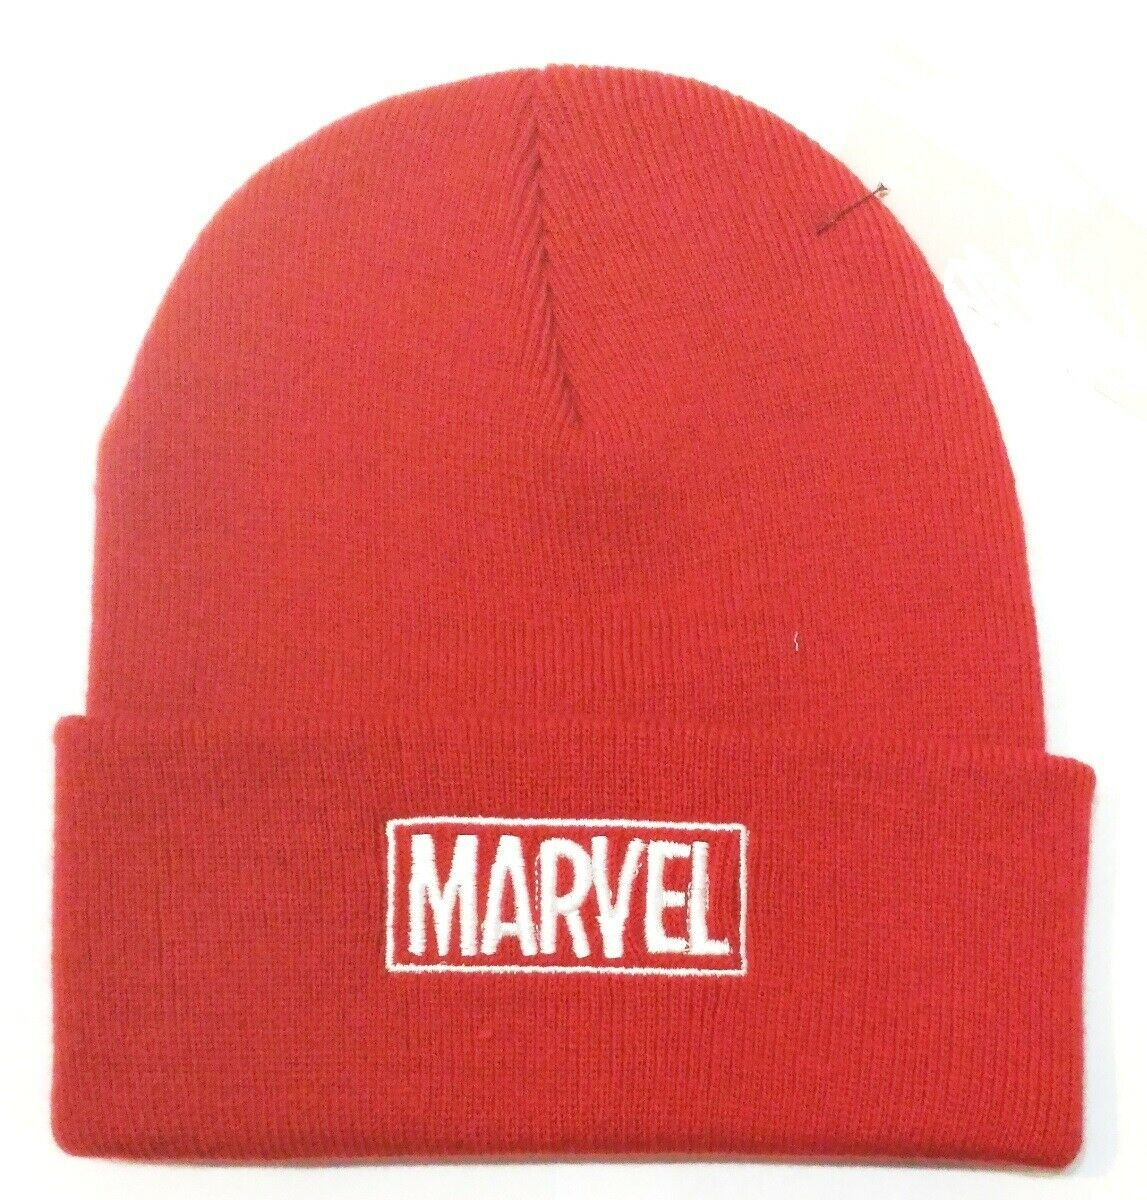 Berretta Marvel Klassisch Bestickt Weiß Logo Red Beanie Winter Hat Offiziel